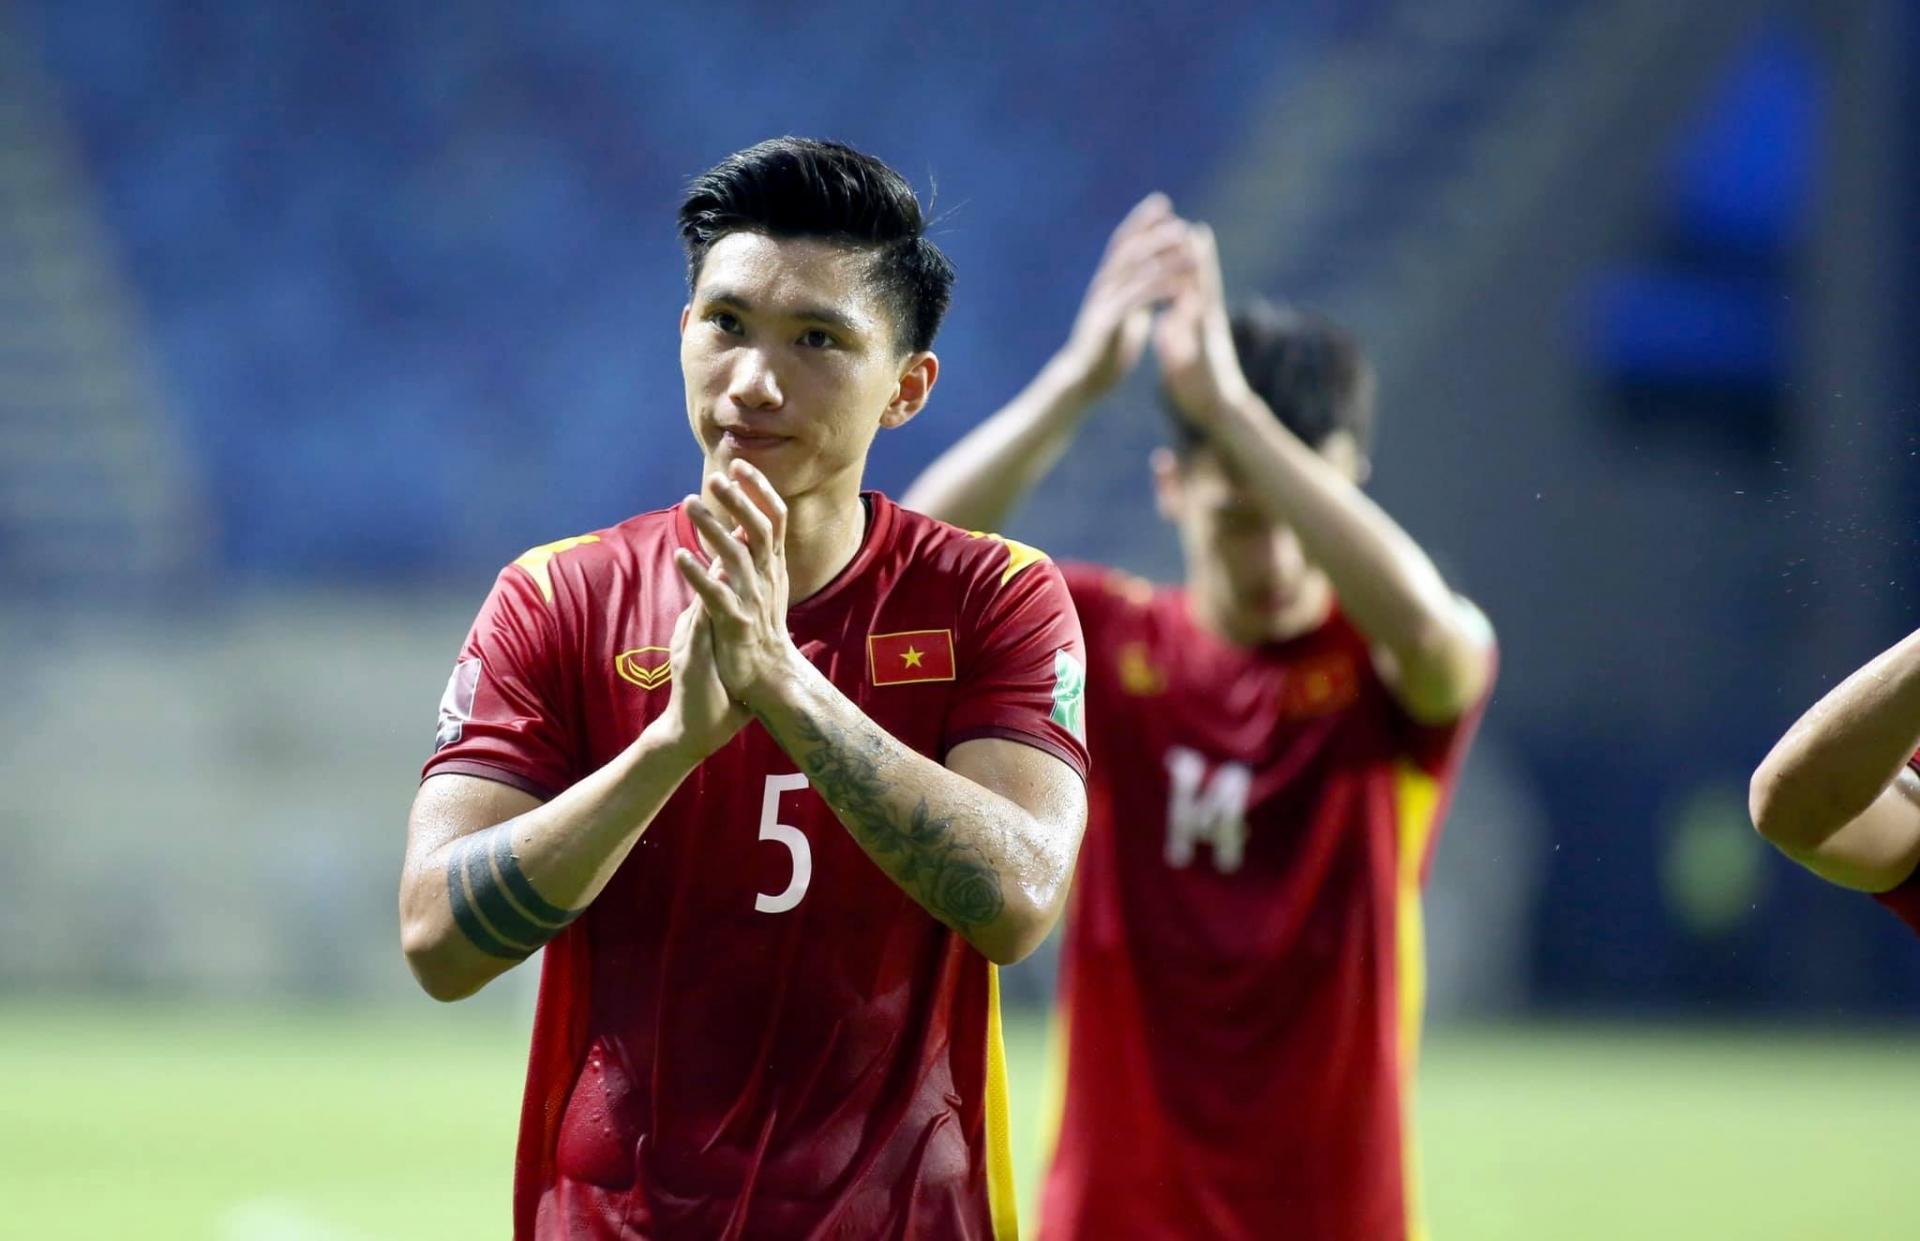 Phóng viên Nhật Bản trầm trồ khen ngợi một cầu thủ Việt Nam: 'Nếu ở Nhật Bản, chắc chắn cậu ấy được gọi ĐTQG' 4